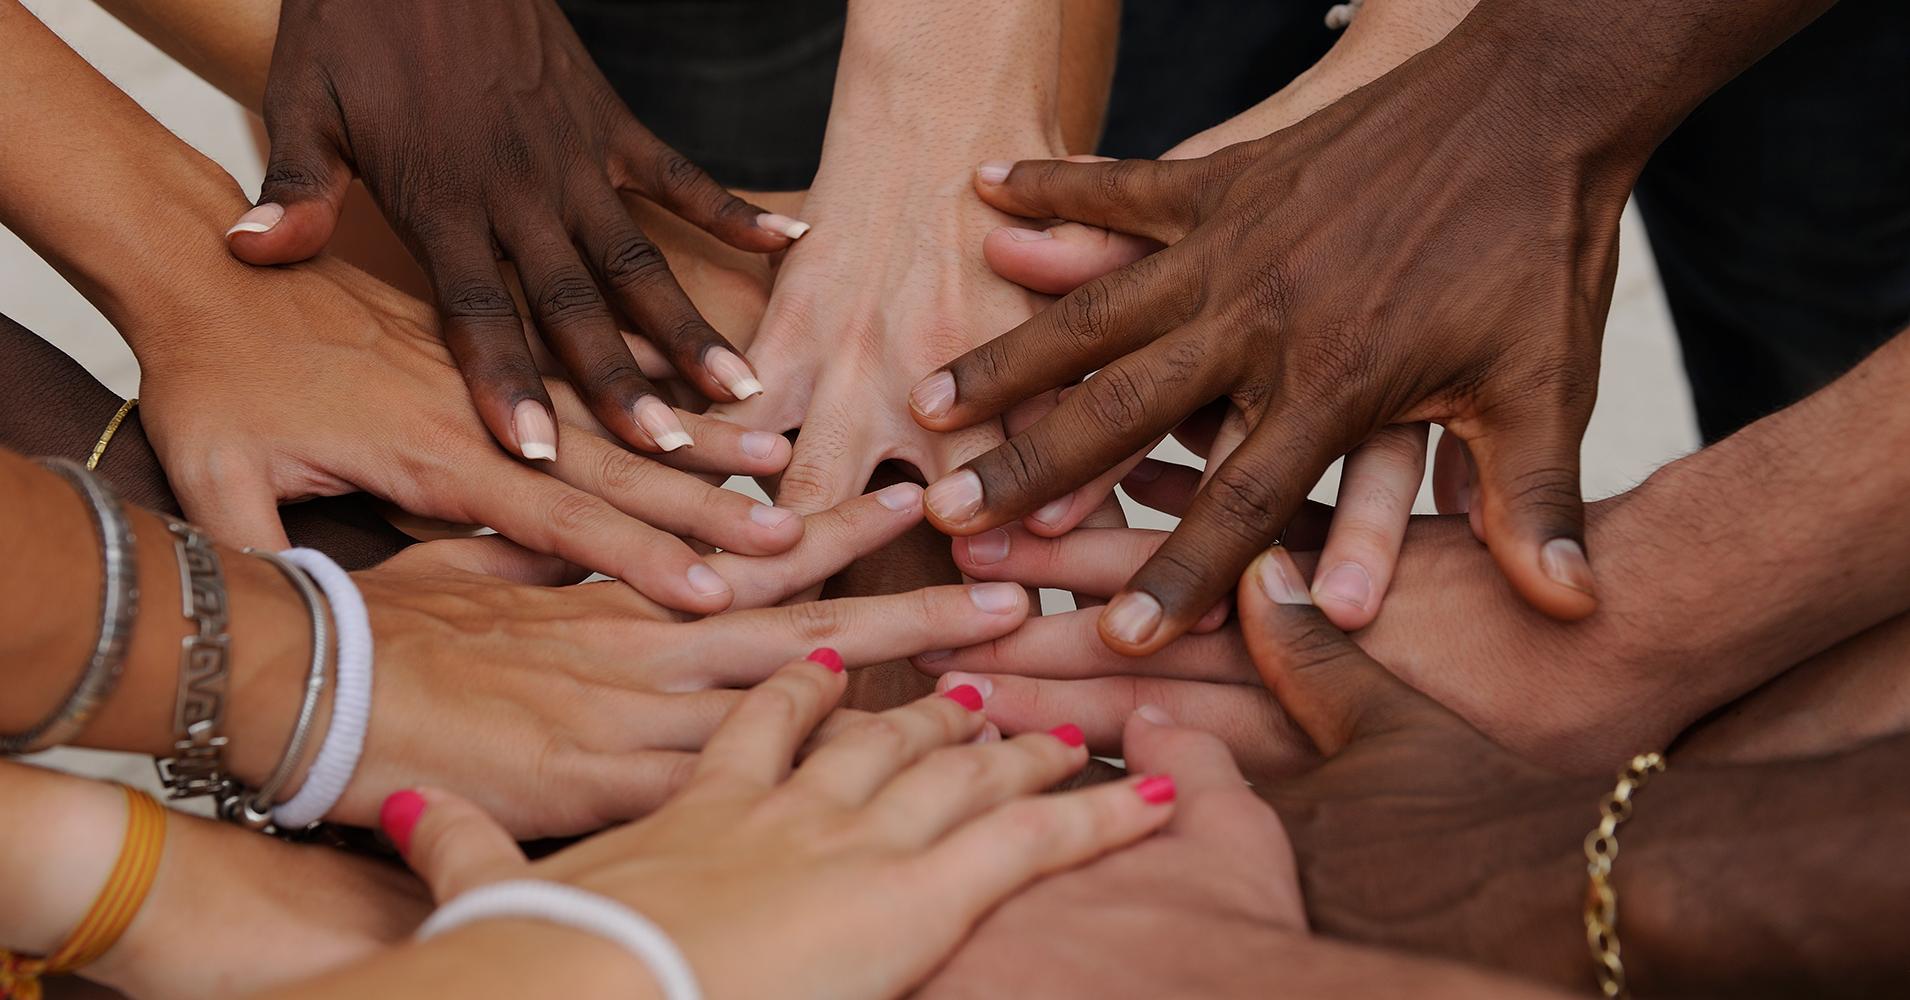 Fingrar och händer. Foto: mangostock/depositphotos.com.